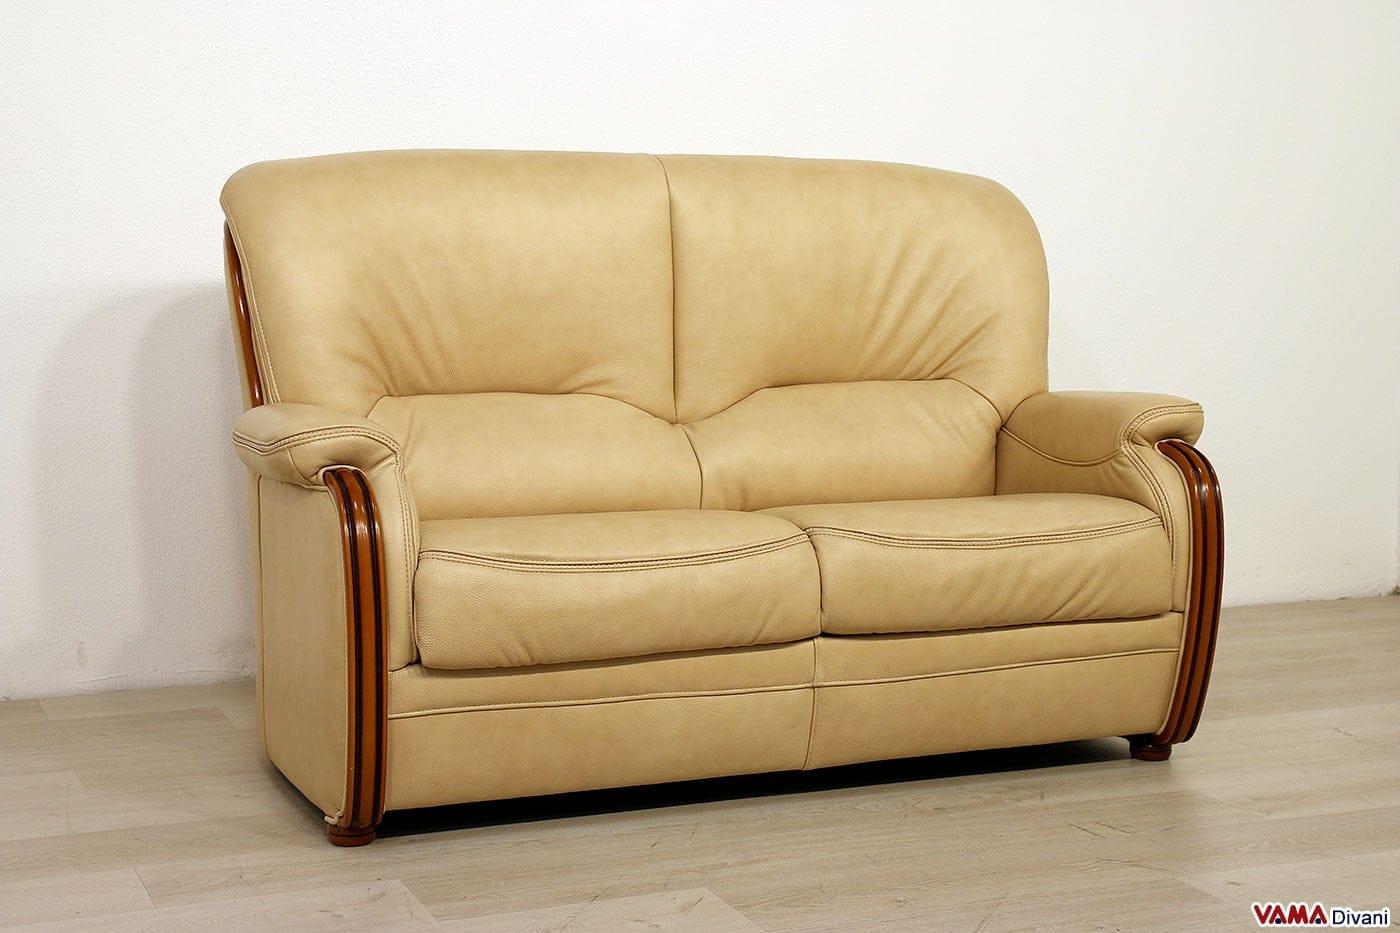 Divano classico legno e pelle beige 2 posti vama divani for Divano due posti